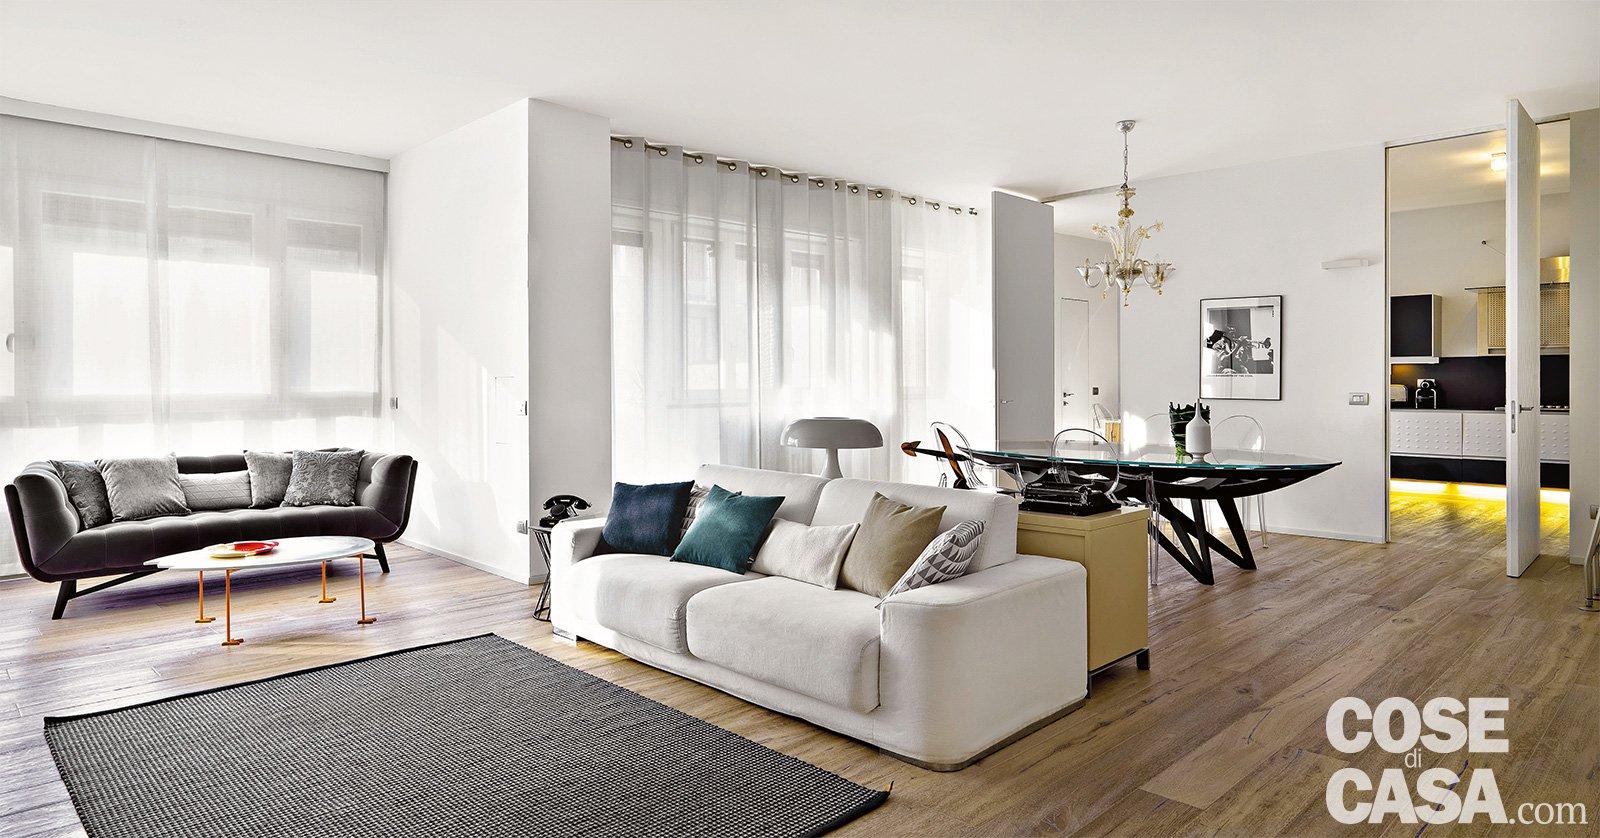 150 mq tutti da copiare dalla divisione soggiorno cucina for Case di architetti moderni